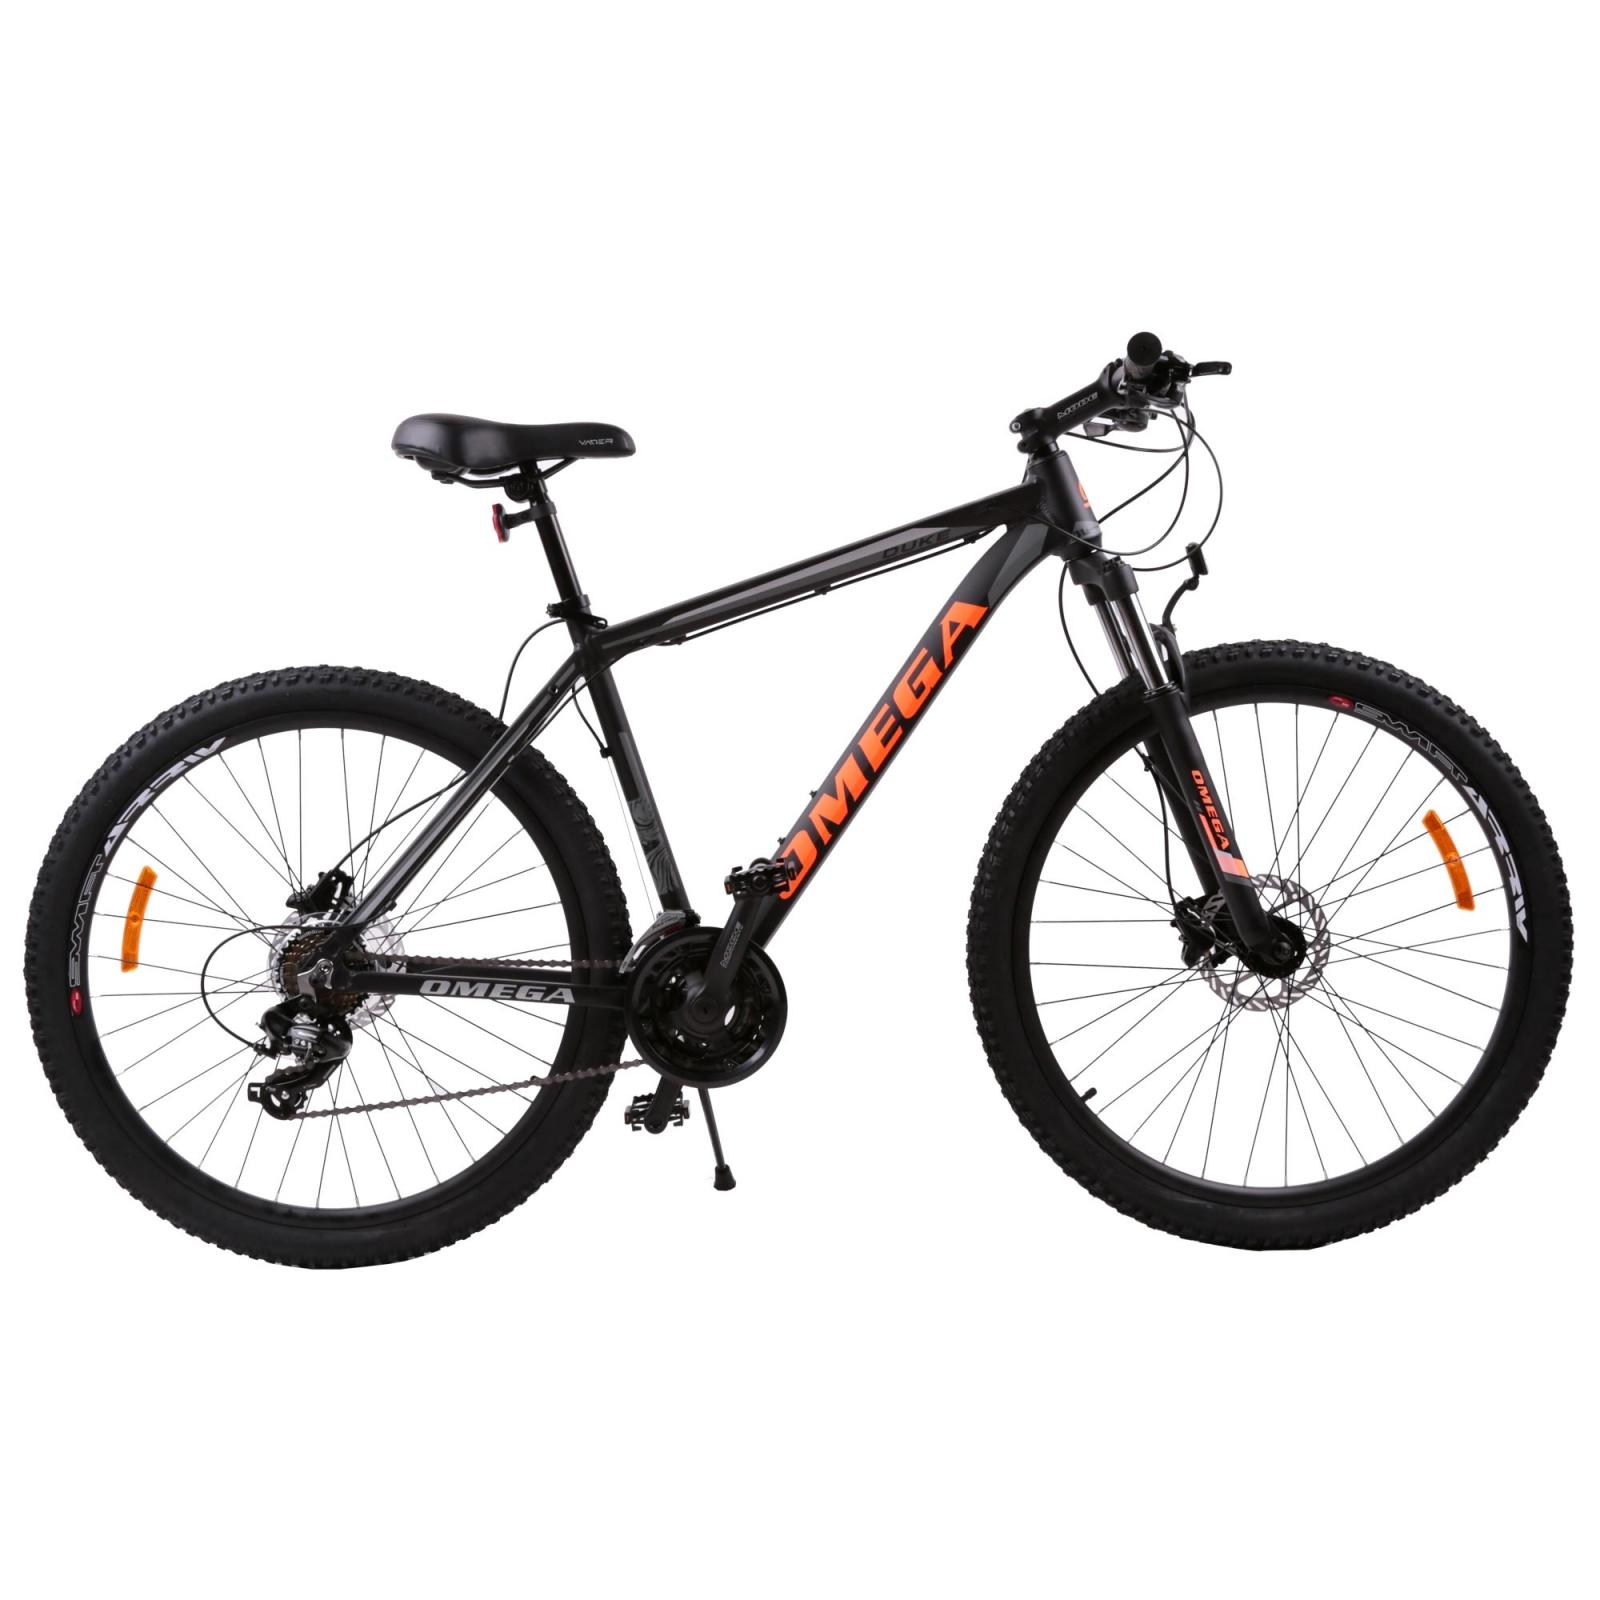 Bicicleta mountainbike Omega Duke 27.5 cadru 49cm 2019 negru rosu albastru